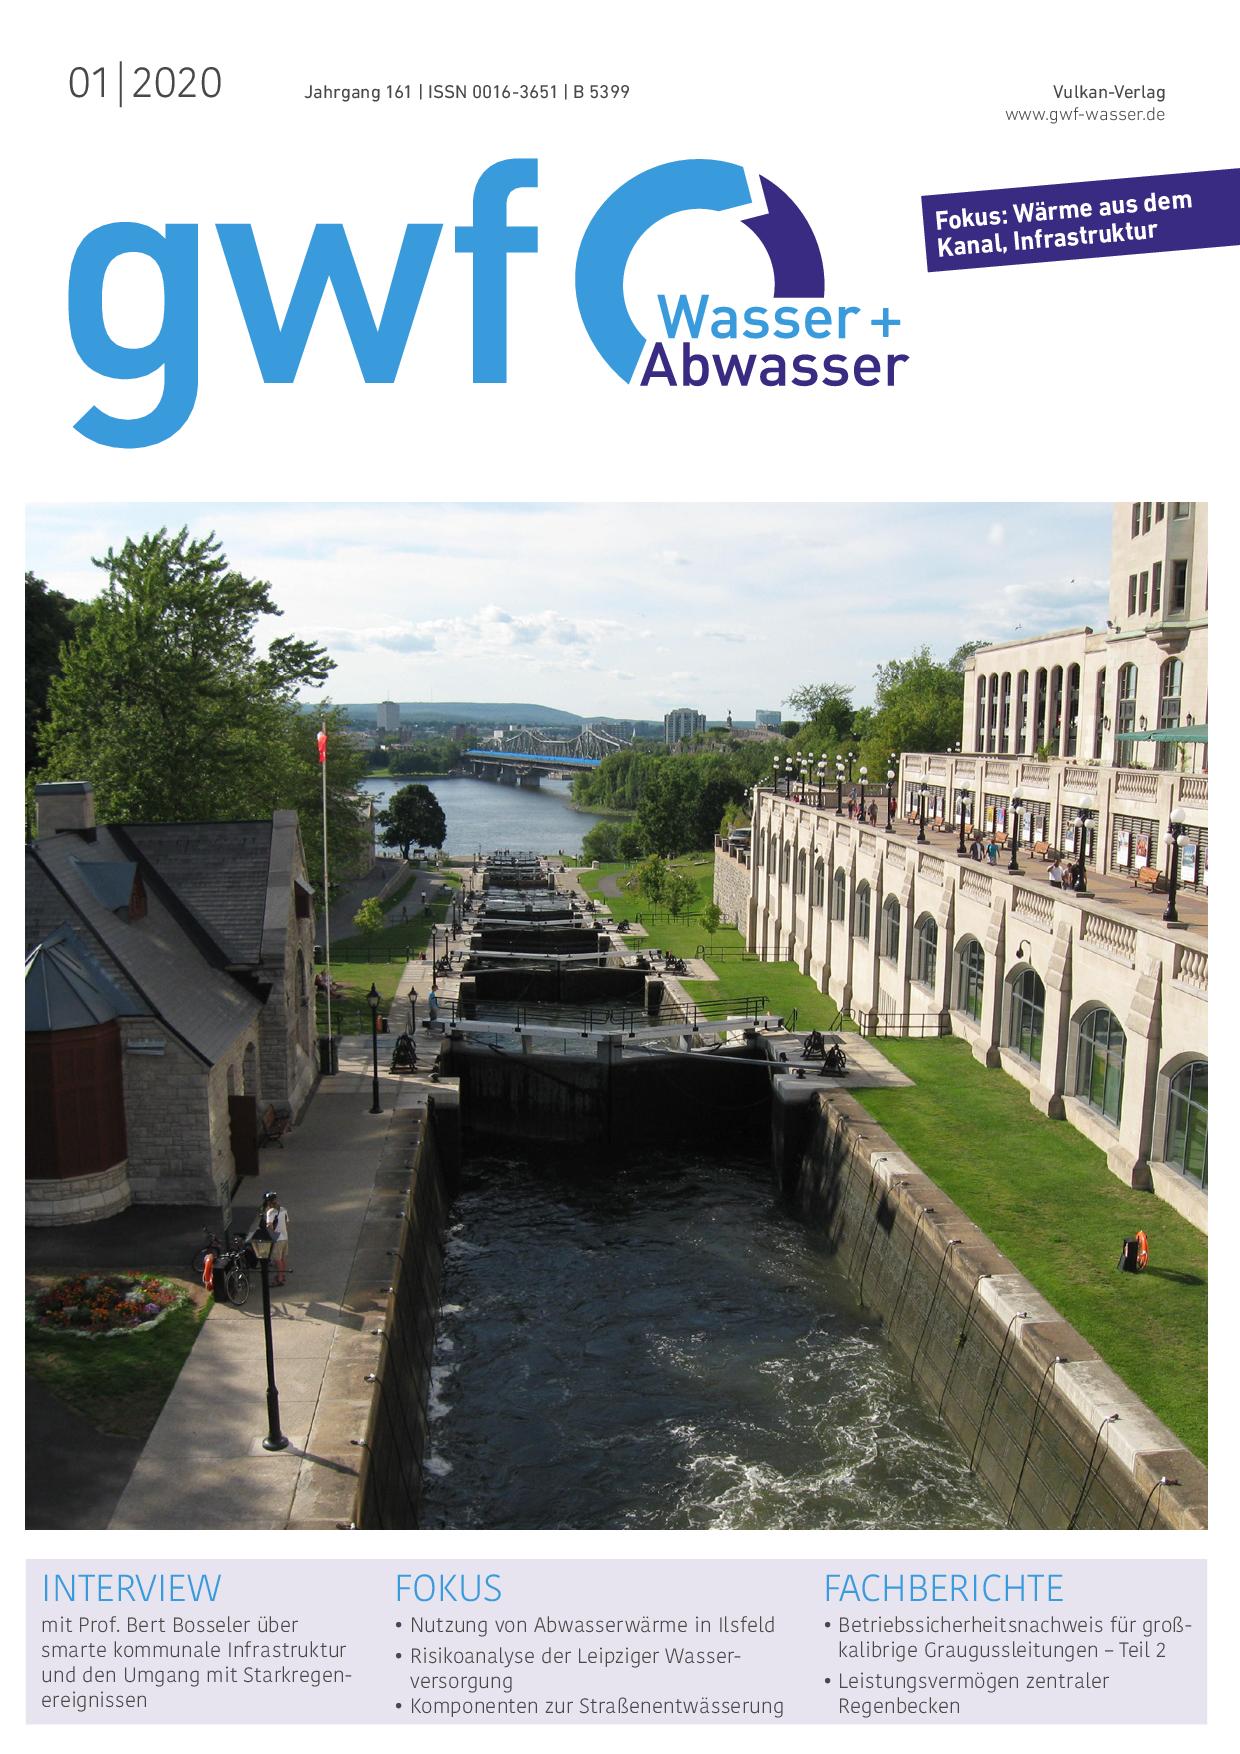 gwf – Wasser|Abwasser – 01 2020